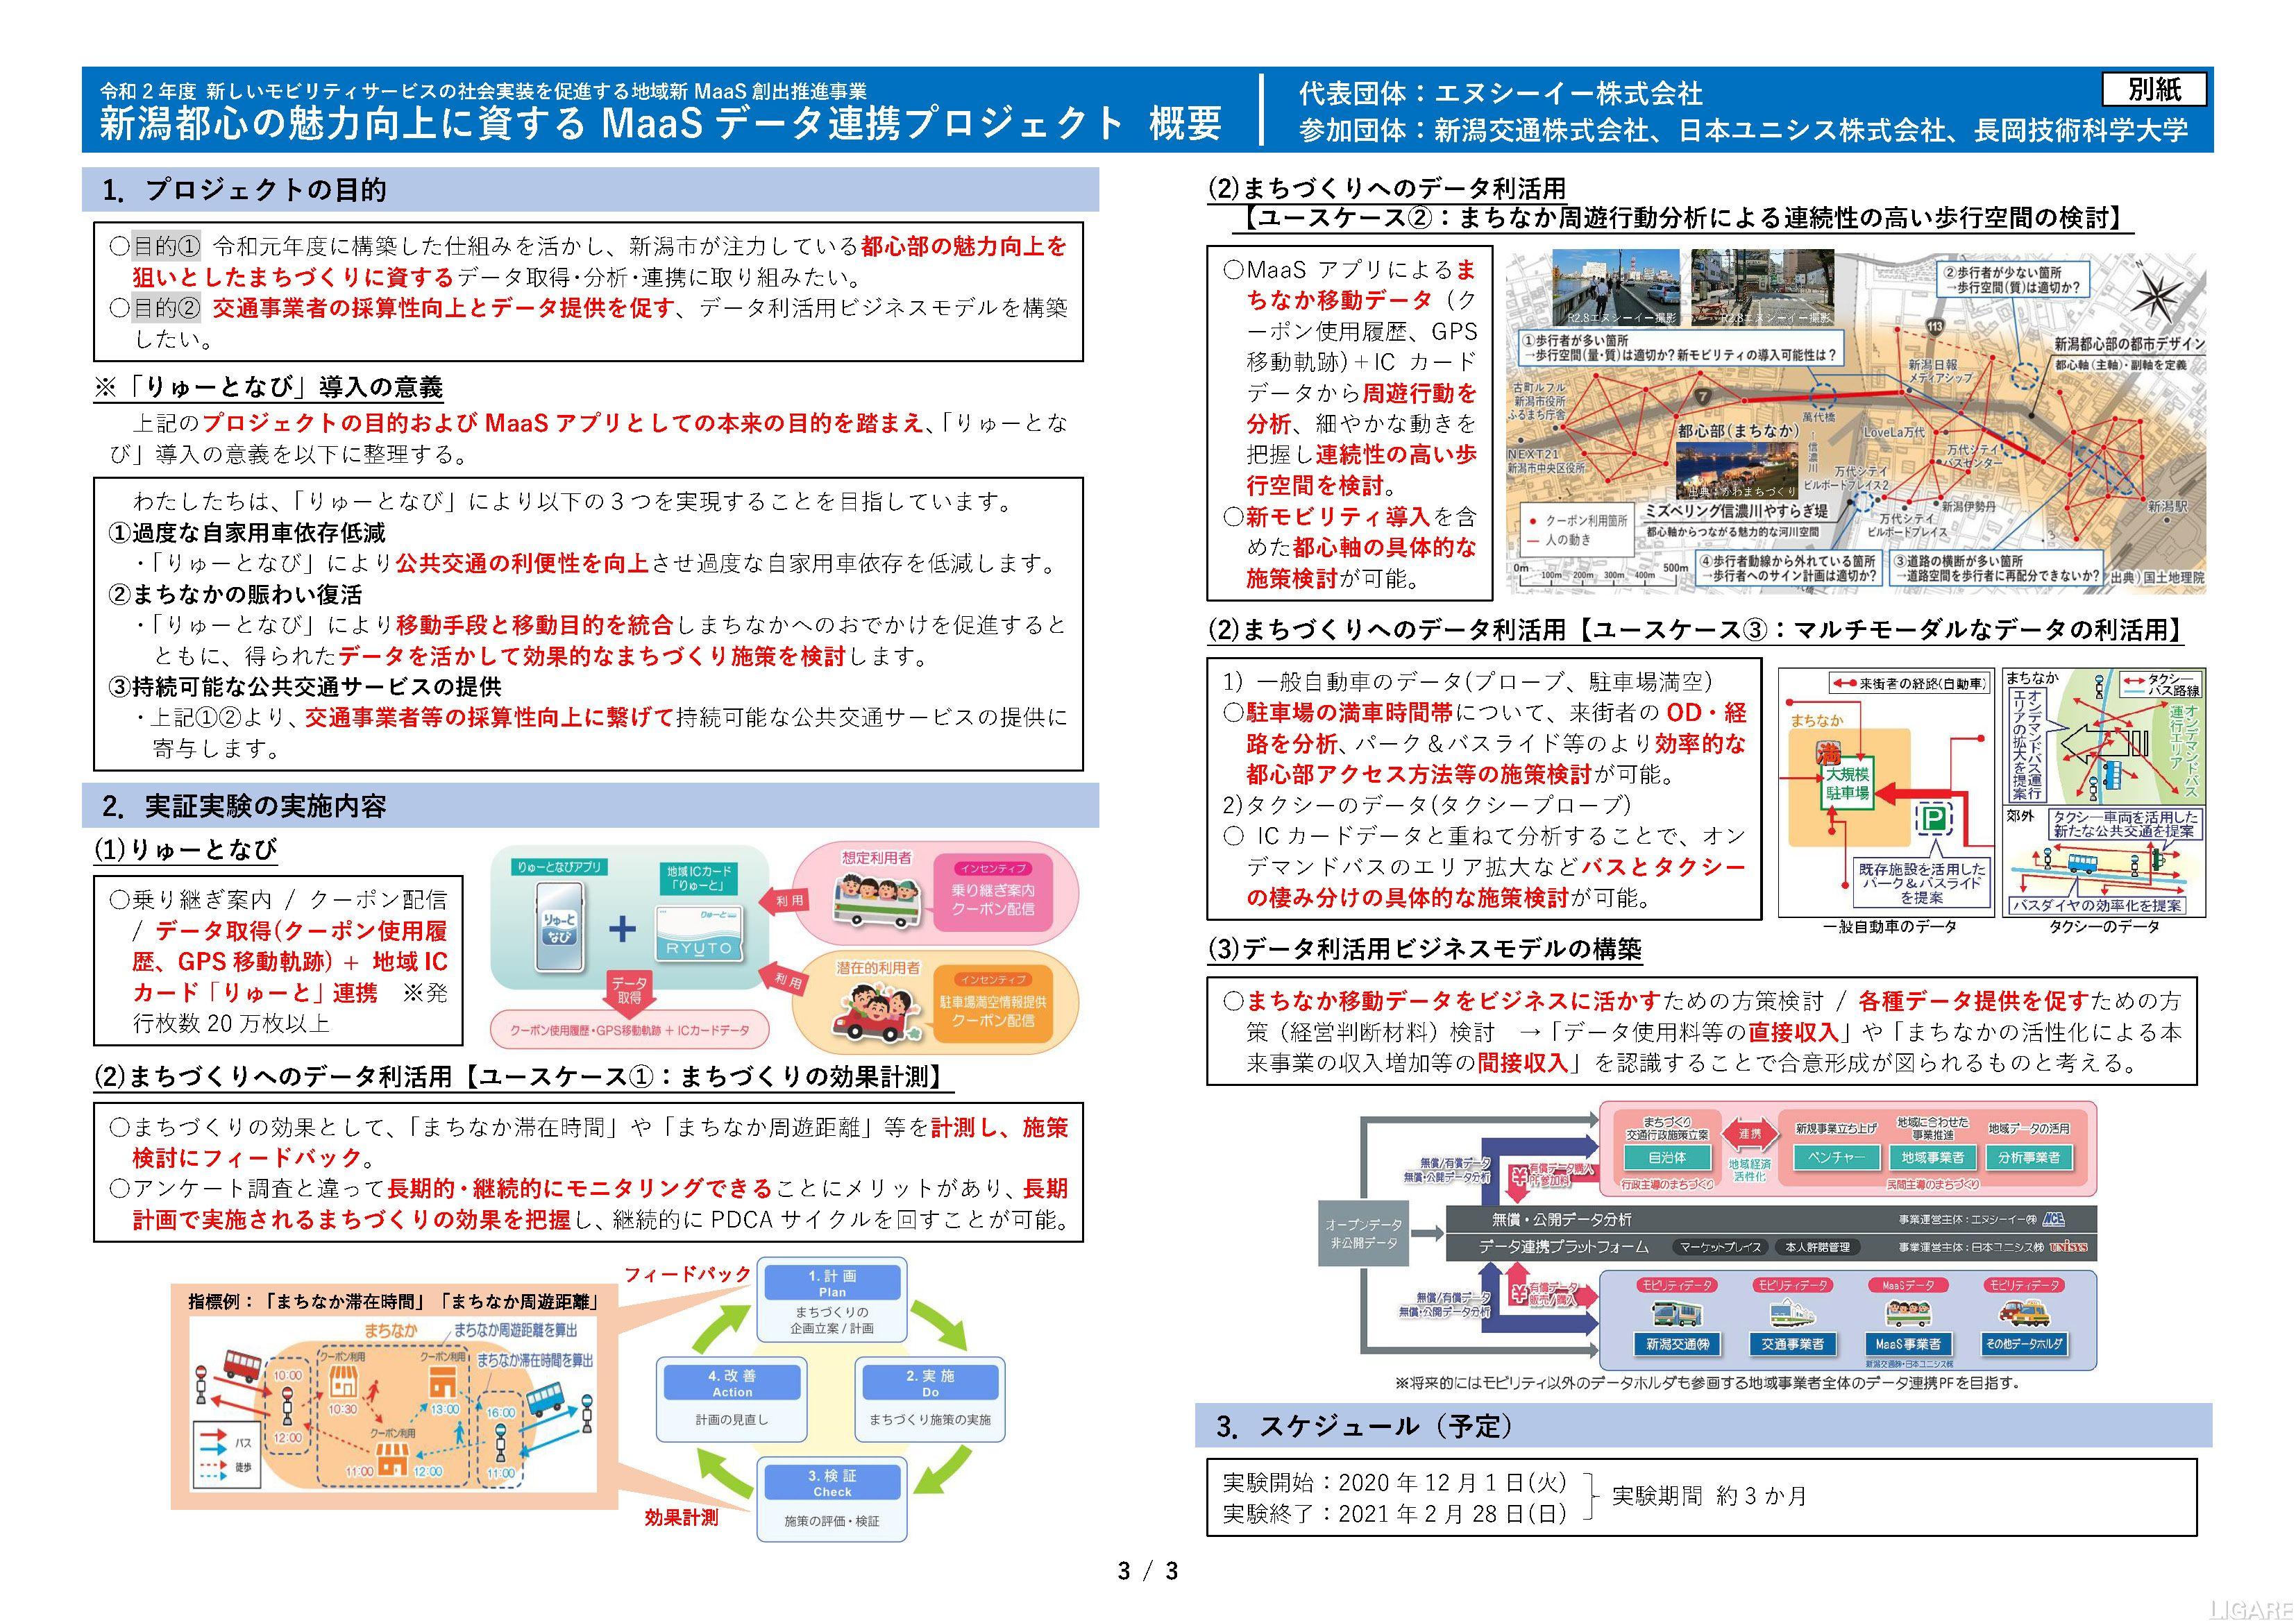 「新潟都心の魅力向上に資する MaaS データ連携プロジェクト」 概要